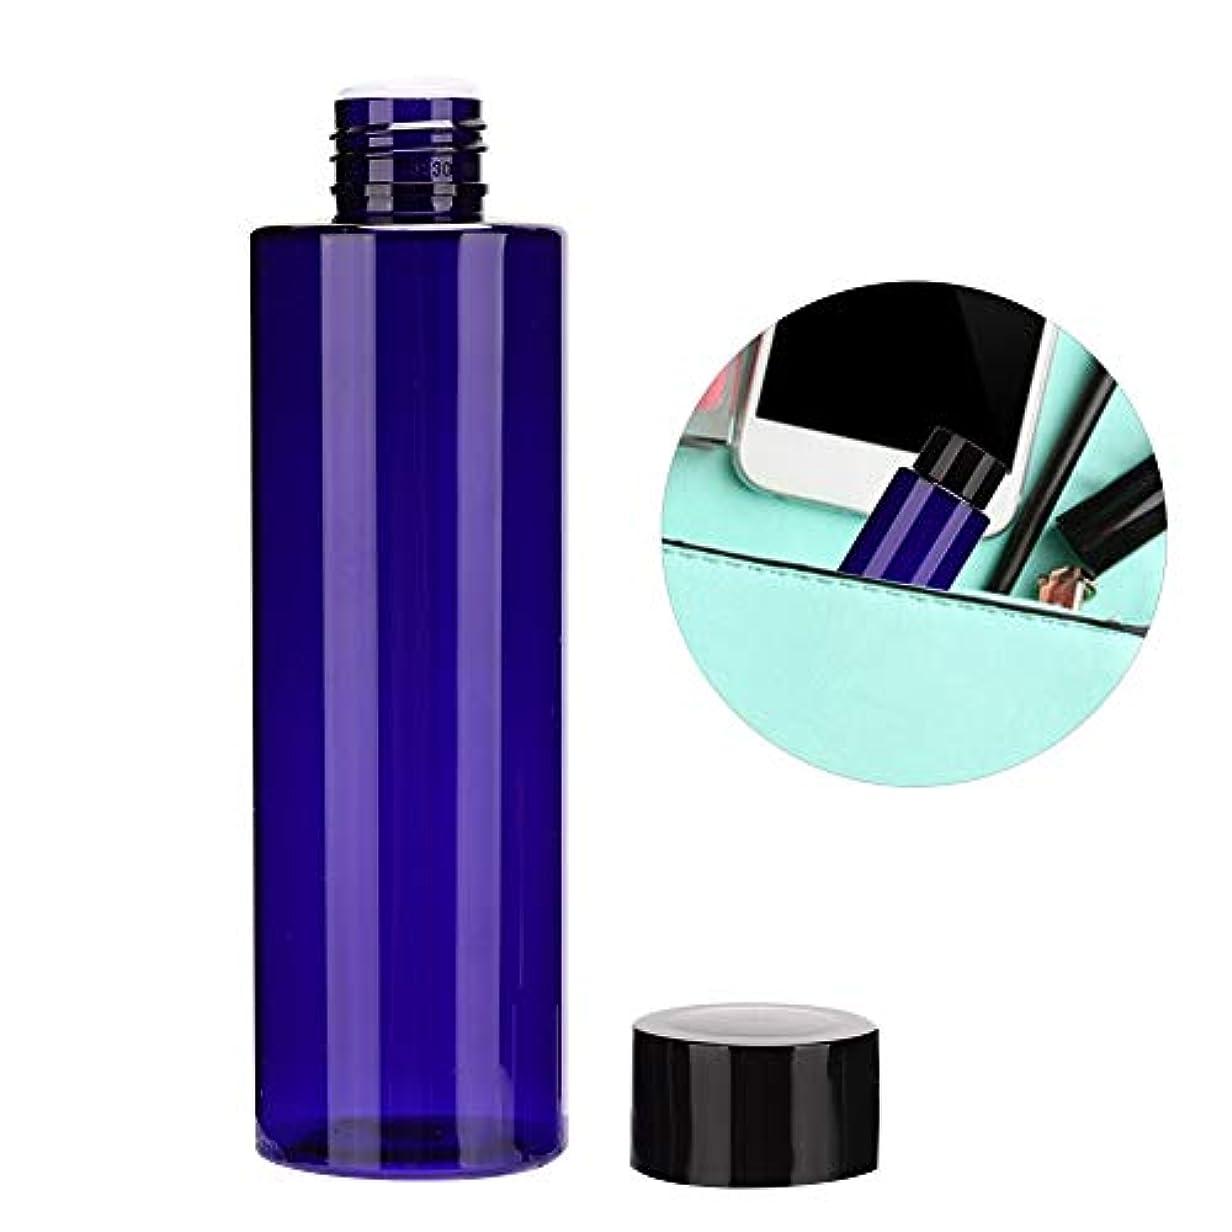 ハチムスタチオノミネート200ML PET 詰め替え 可能な空 液体ボトルローション スキンケア 製品 空の化粧品 トナーコンテナボトル